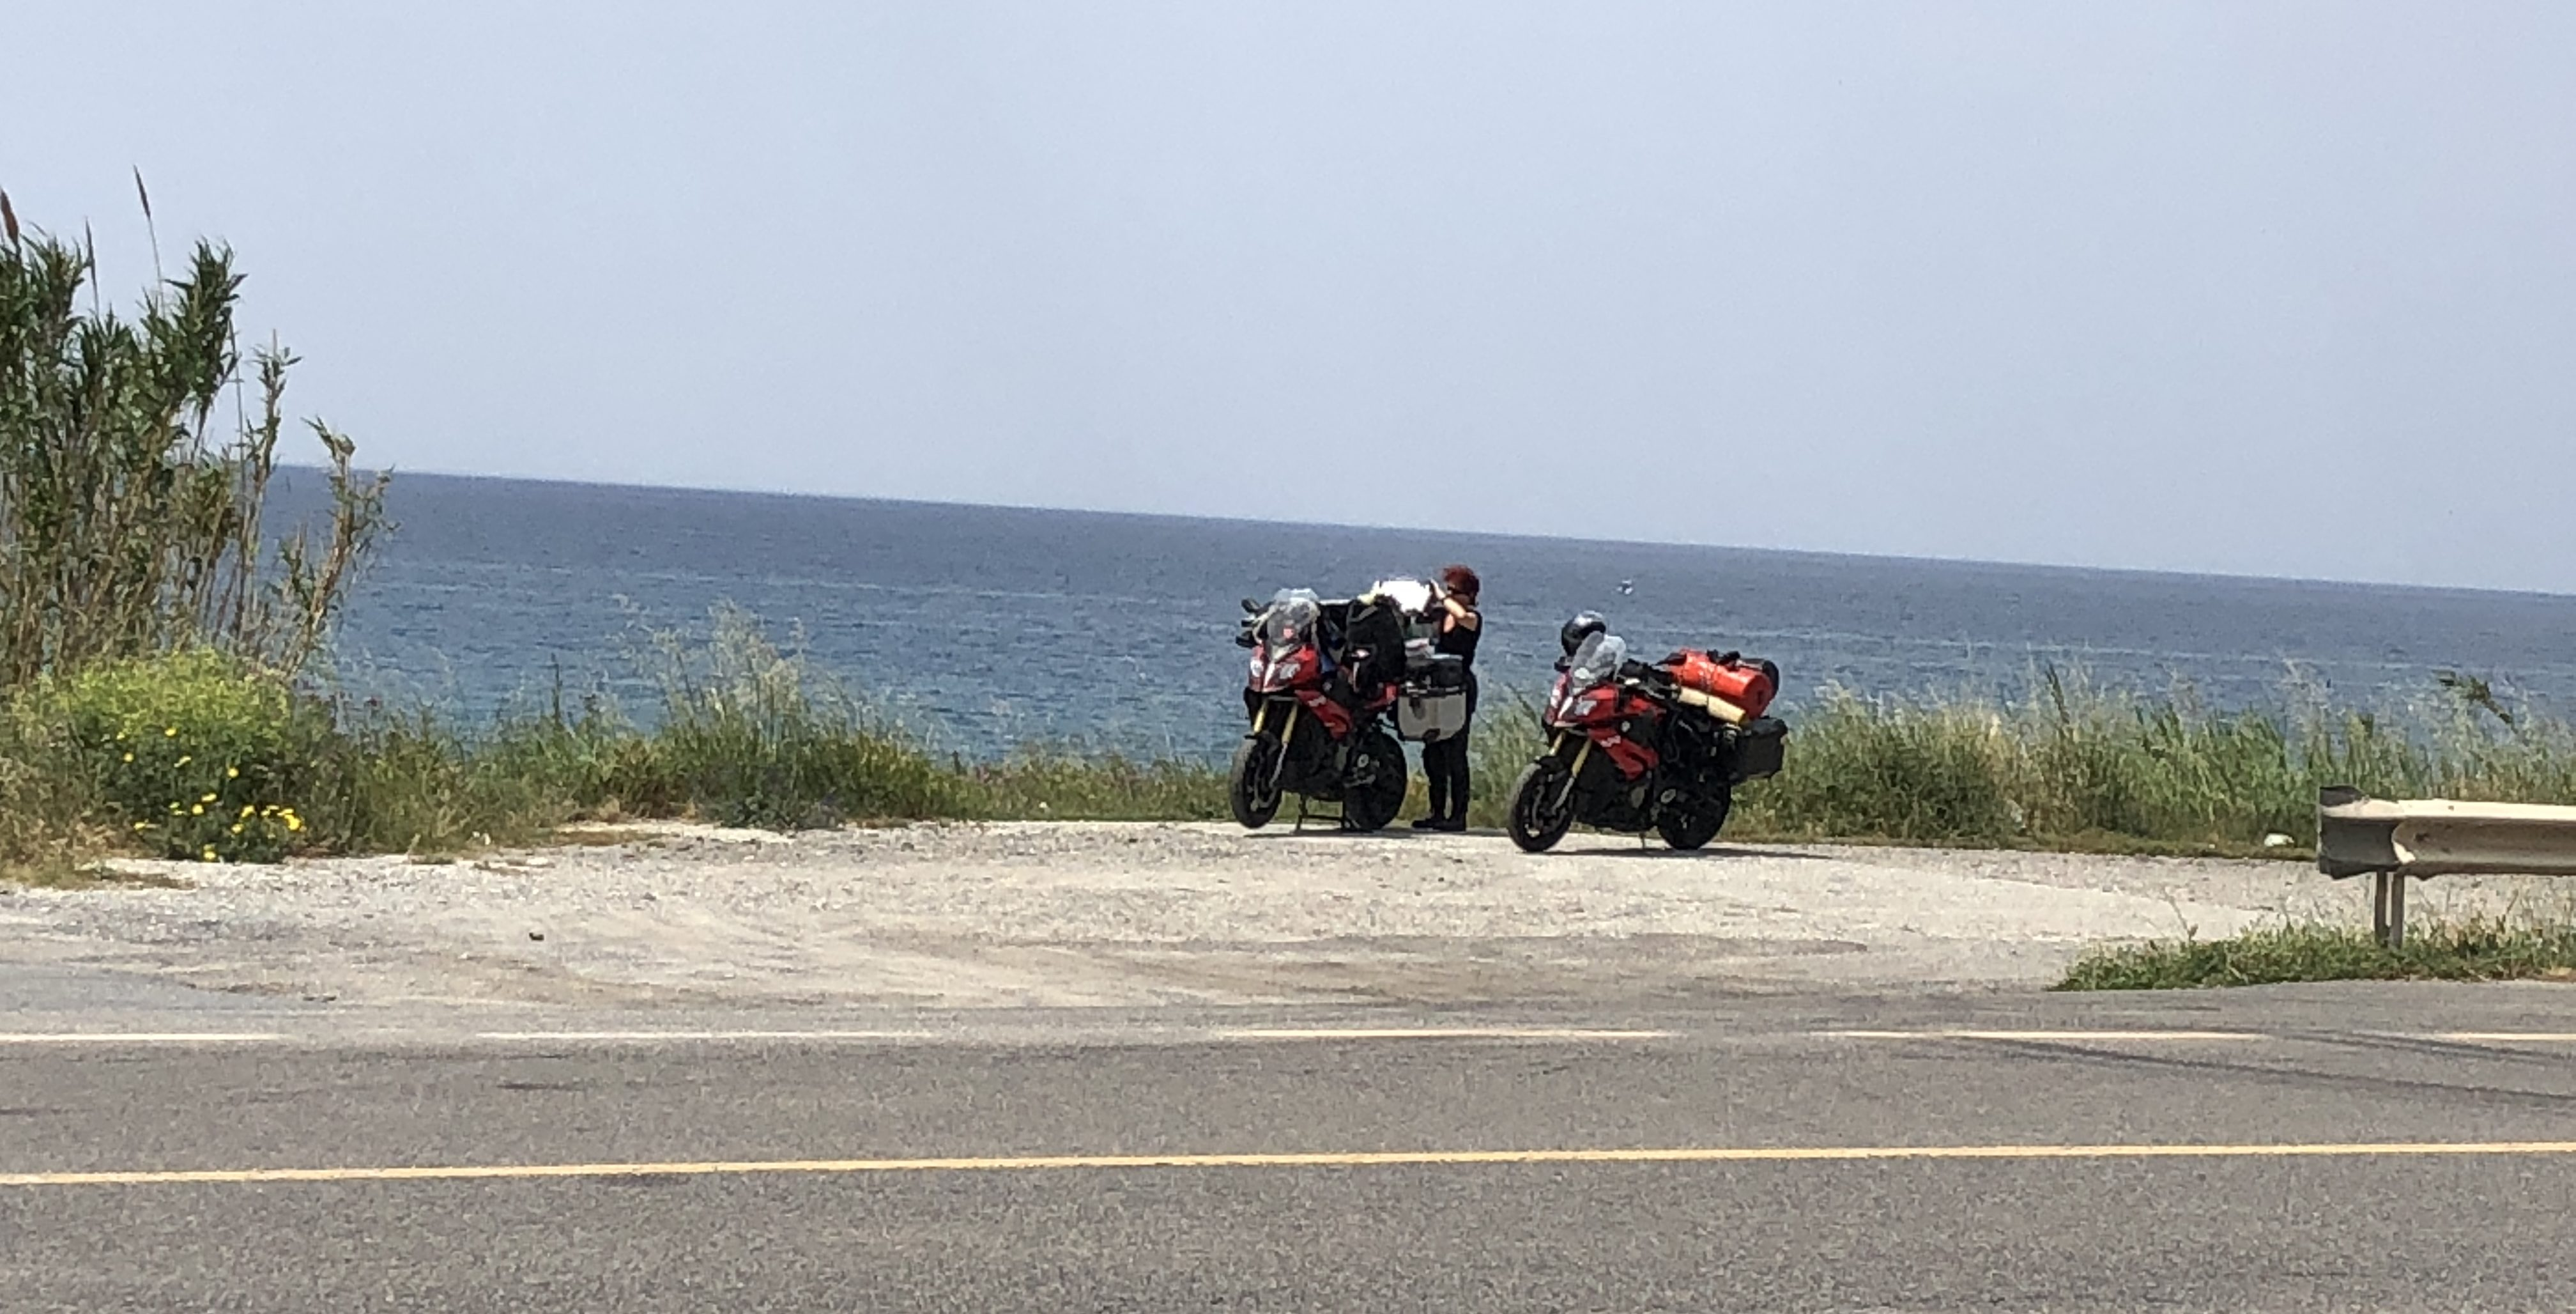 Motorräder am Strand in der Nähe von Amentea